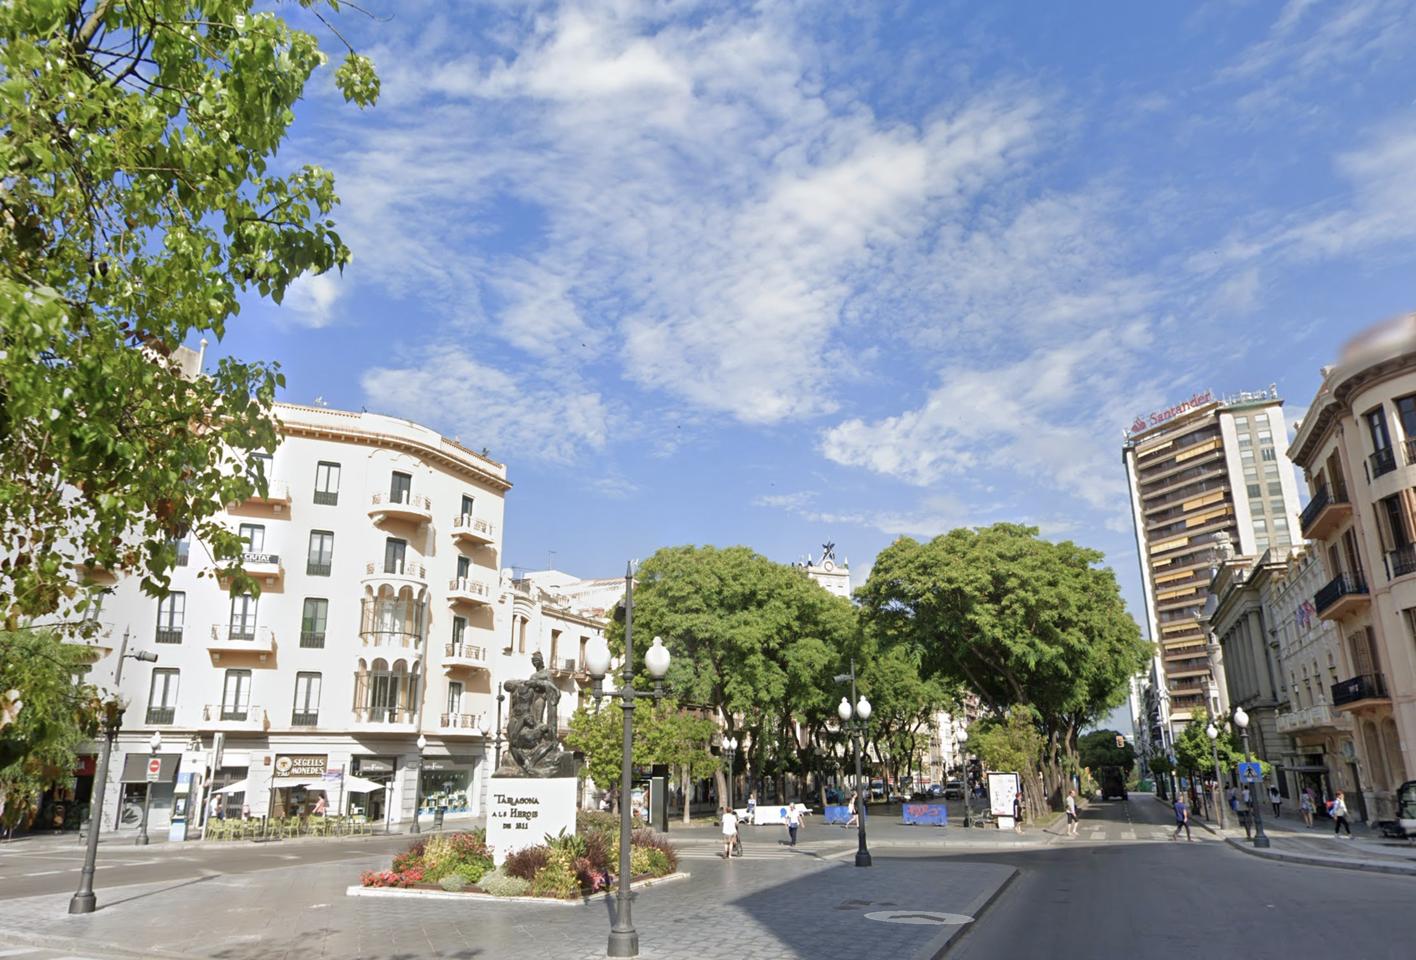 Edificio  Calle nova. Edificio emblemático oportunidad para inversionistas, centro com